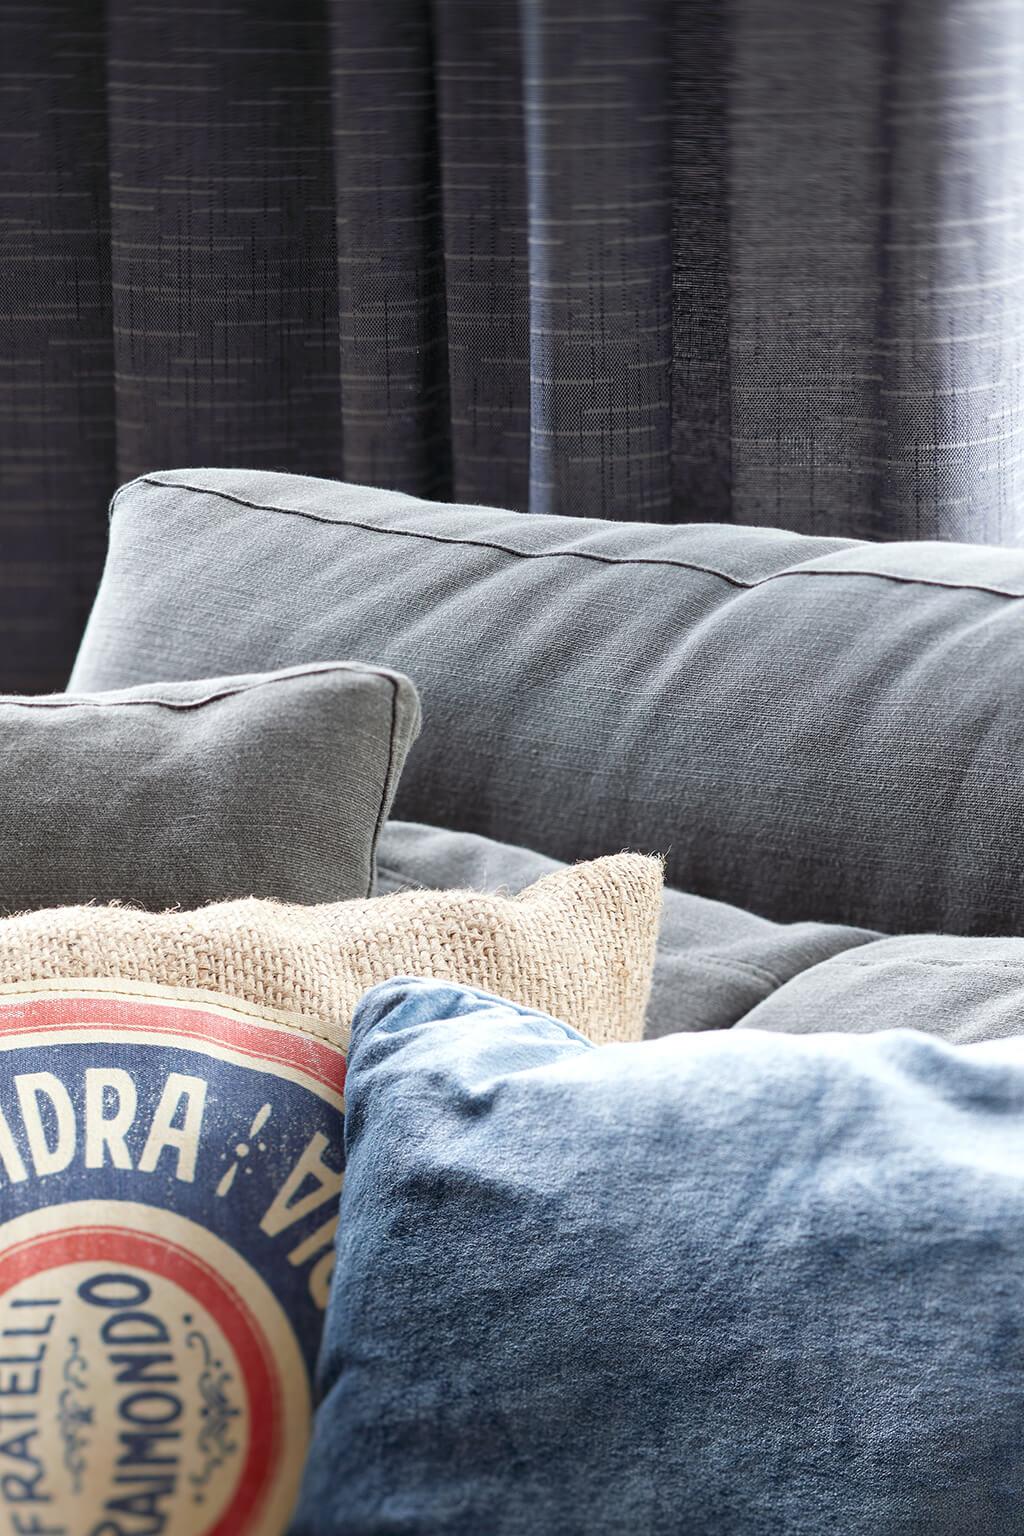 die richtige gardine finde sie bei jaloucity in duisburg. Black Bedroom Furniture Sets. Home Design Ideas